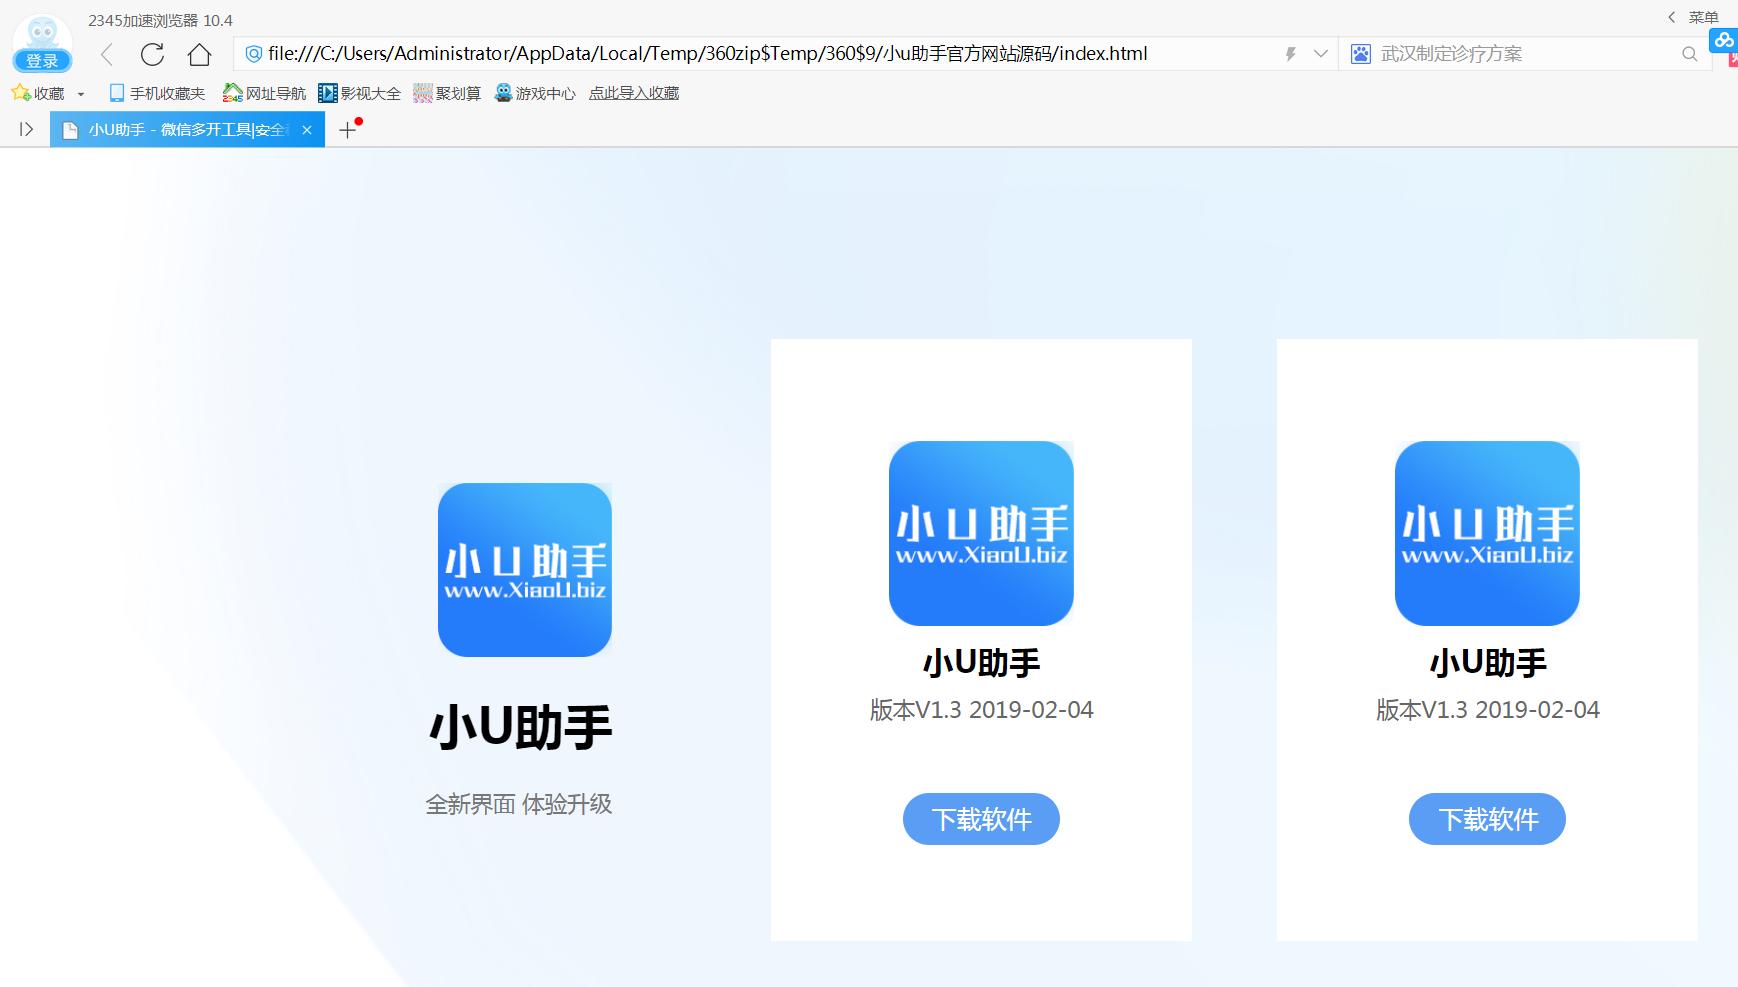 小U助手官方网站html源码